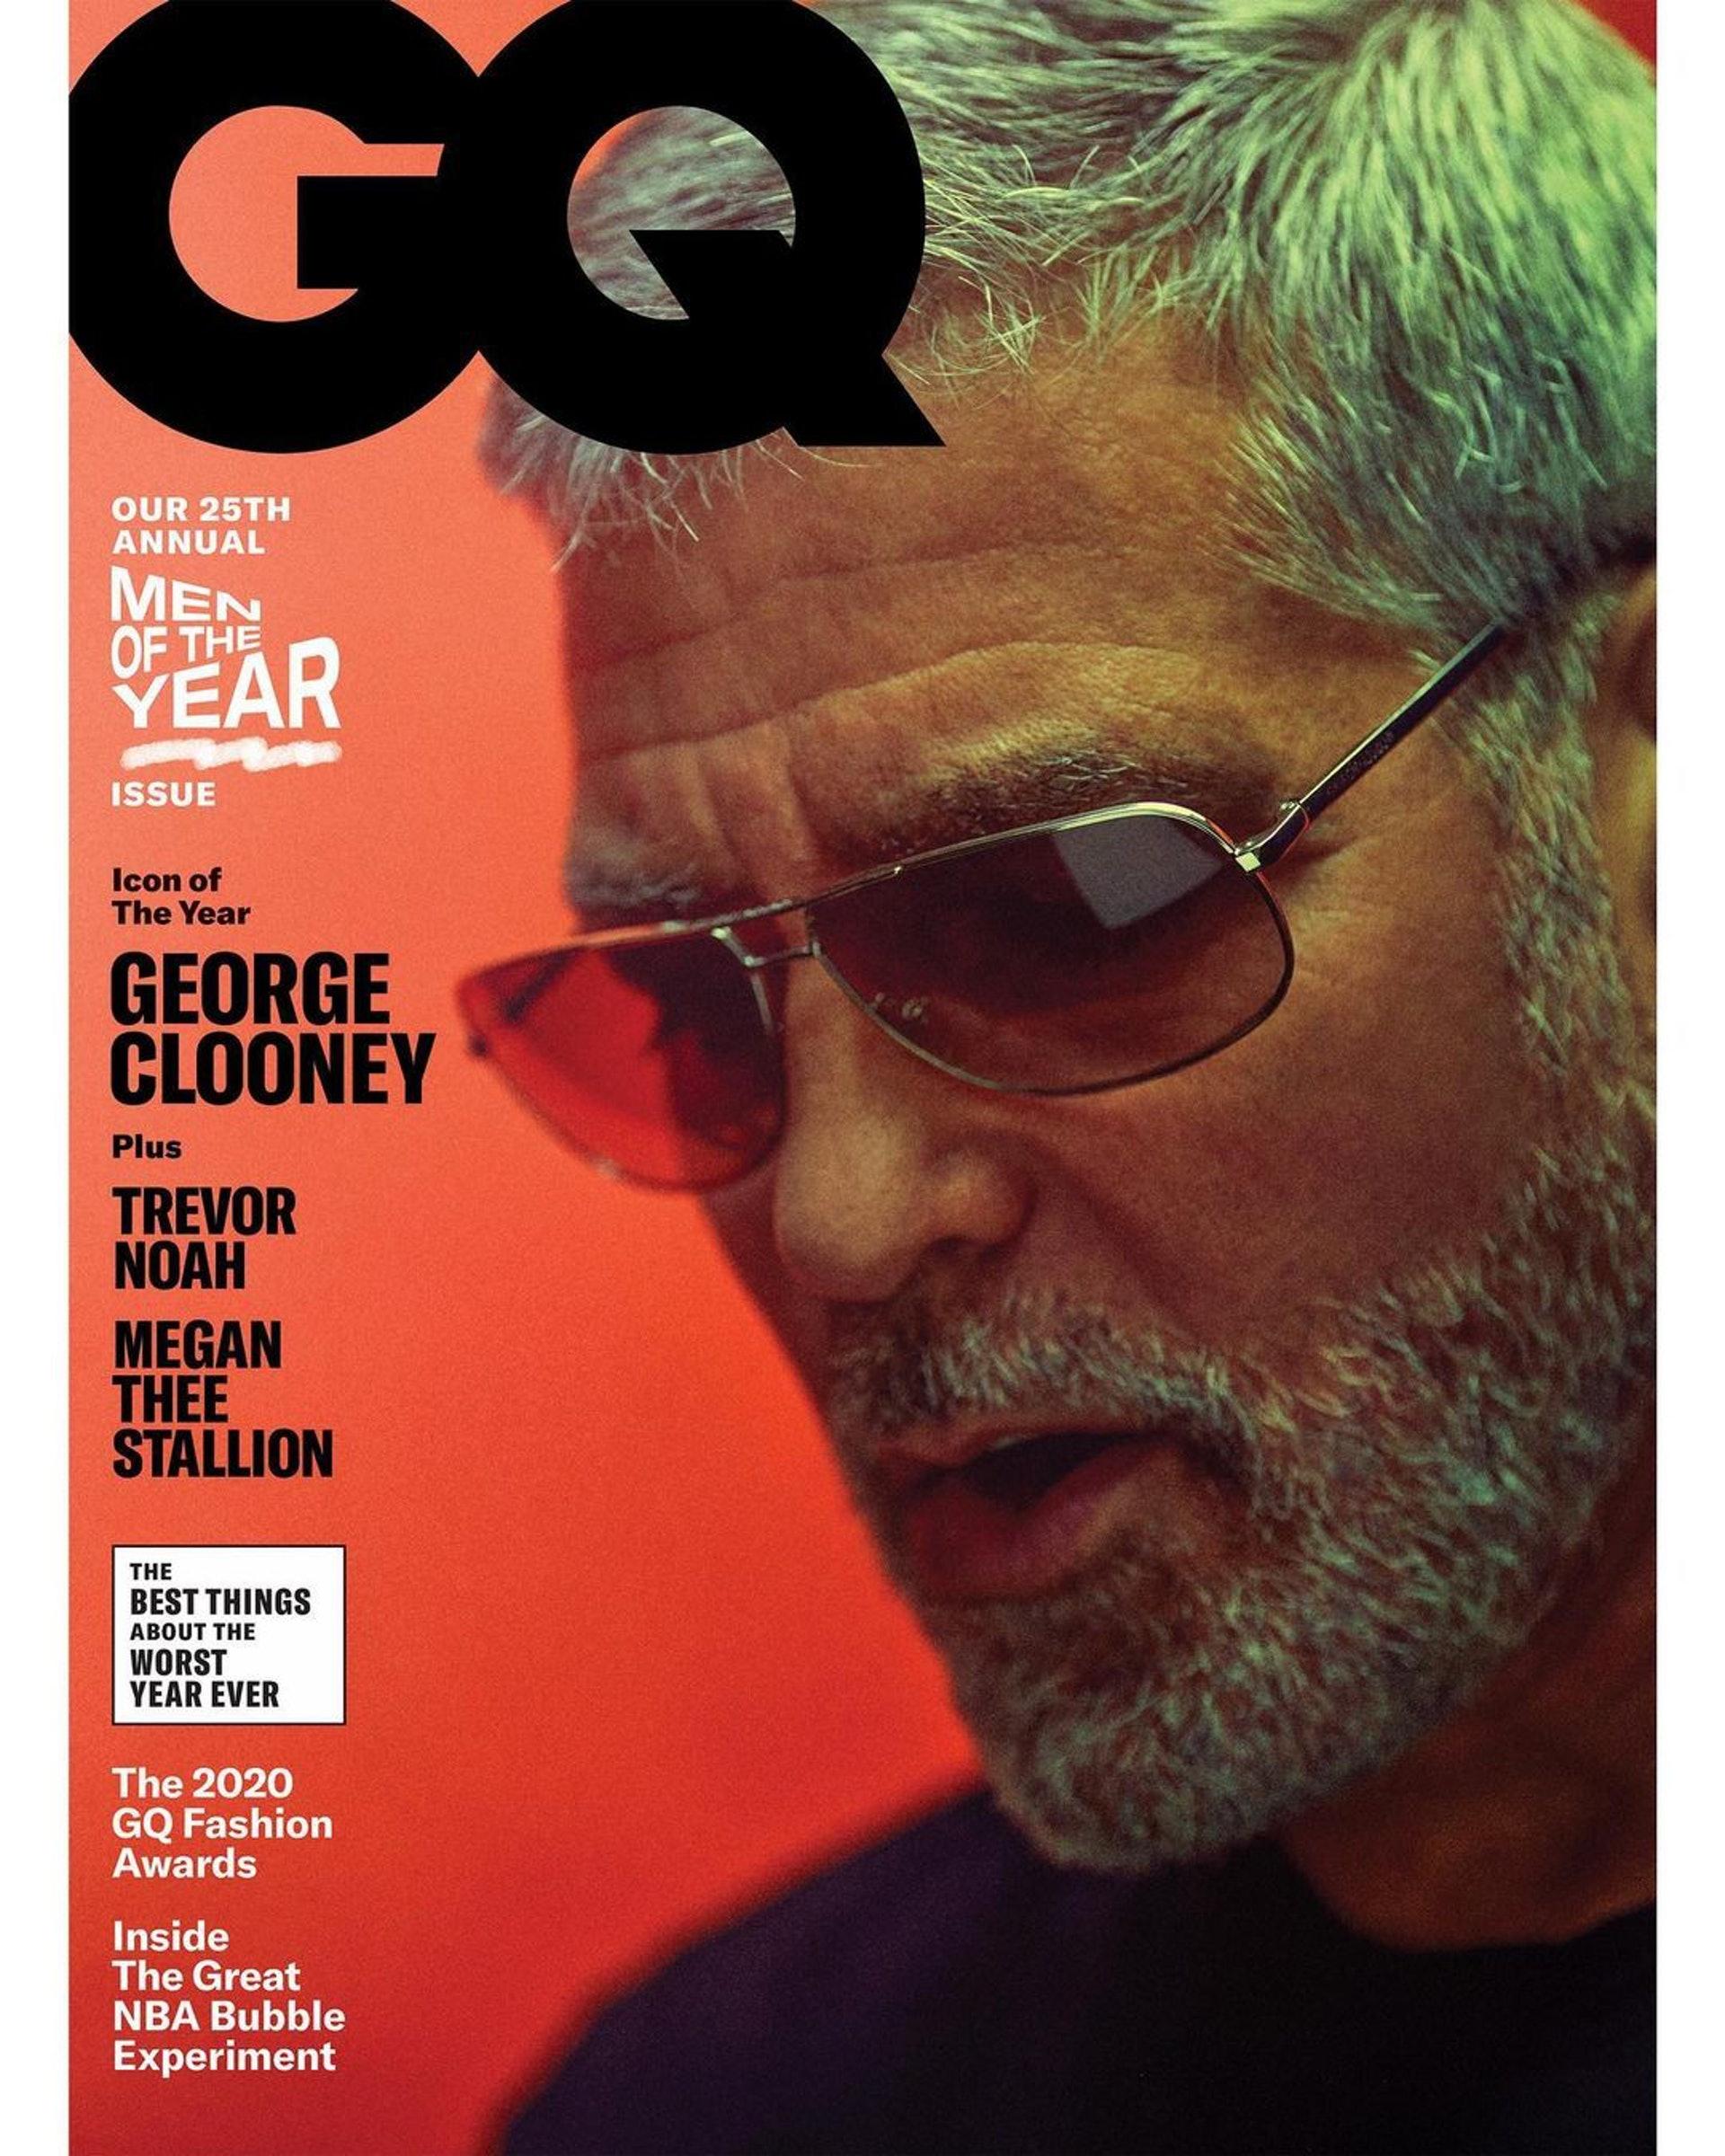 現年59歲的佐治古尼(George Clooney)最近登上新一期《GQ》雜誌封面。(IG圖片)